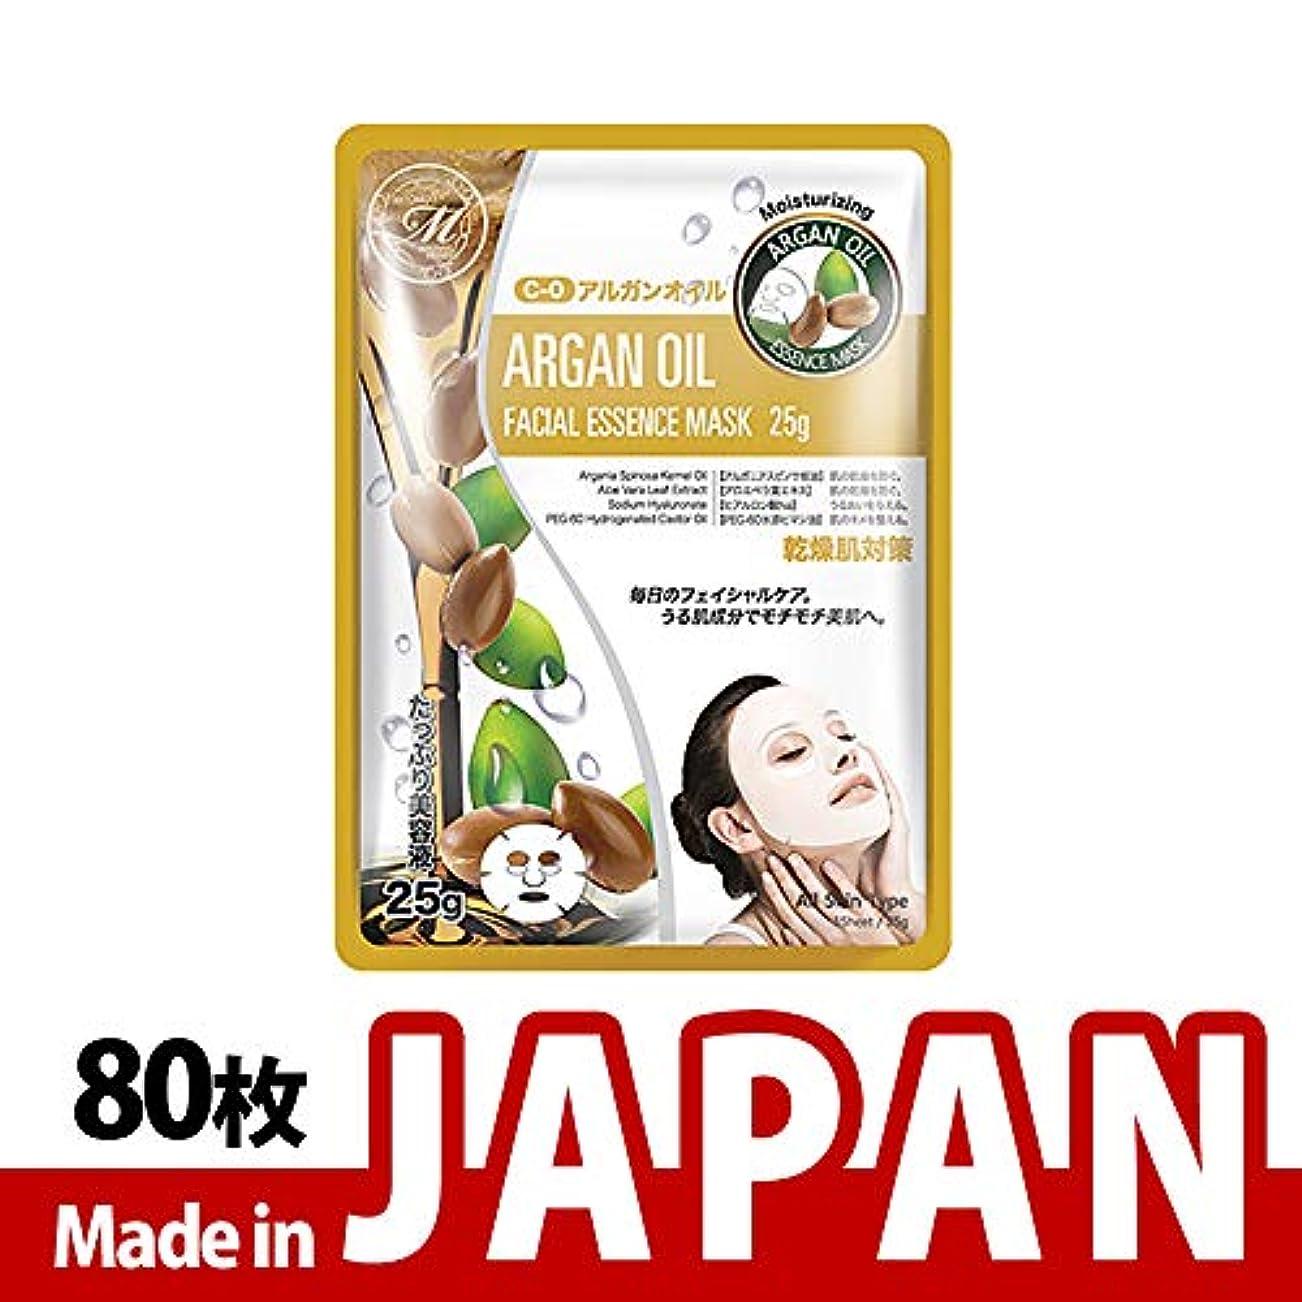 側微妙破滅的なMITOMO【MT512-C-0】日本製シートマスク/10枚入り/80枚/美容液/マスクパック/送料無料